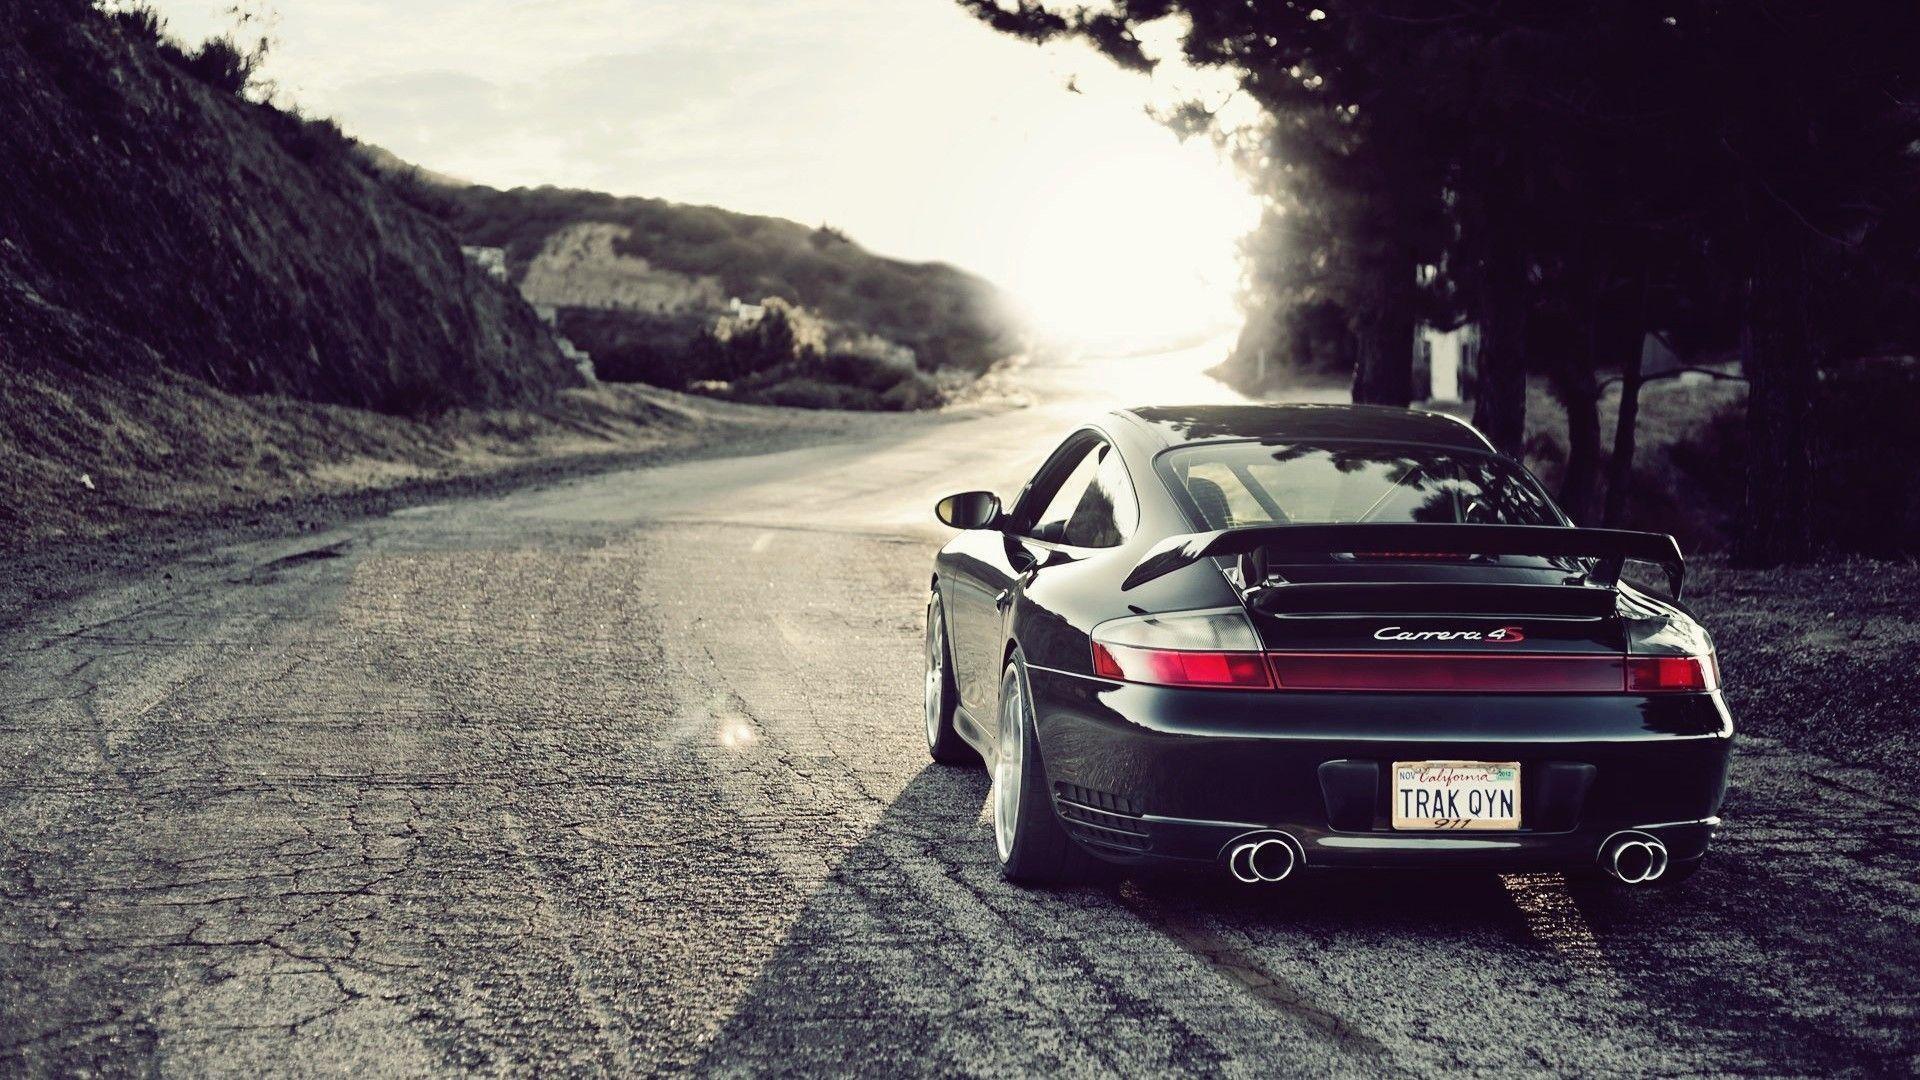 Wallpapers For > Porsche 911 Wallpaper 1920x1080